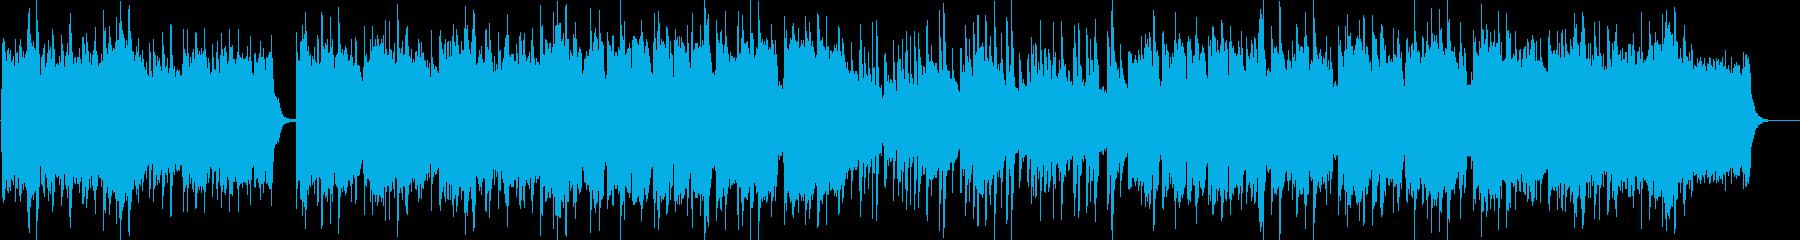 CROONER永遠のエンターテイナー の再生済みの波形